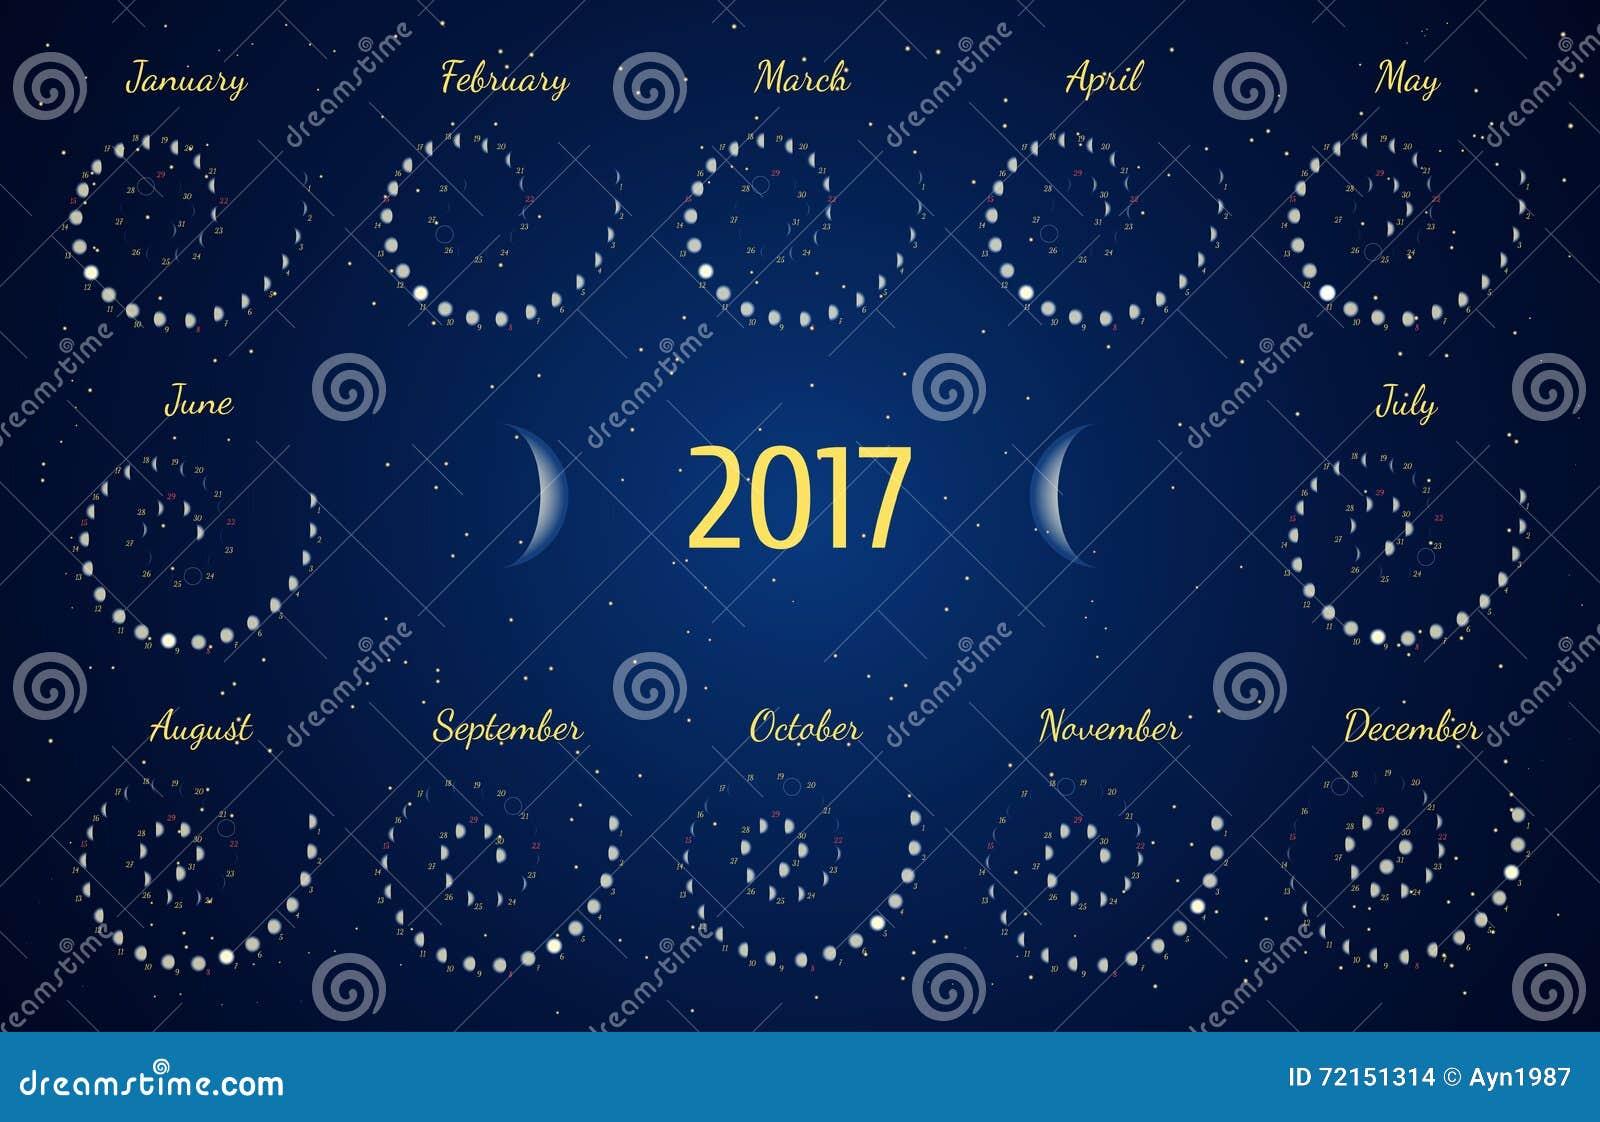 Calendar Design Ideas Vector : Vector astrological spiral calendar for moon phase